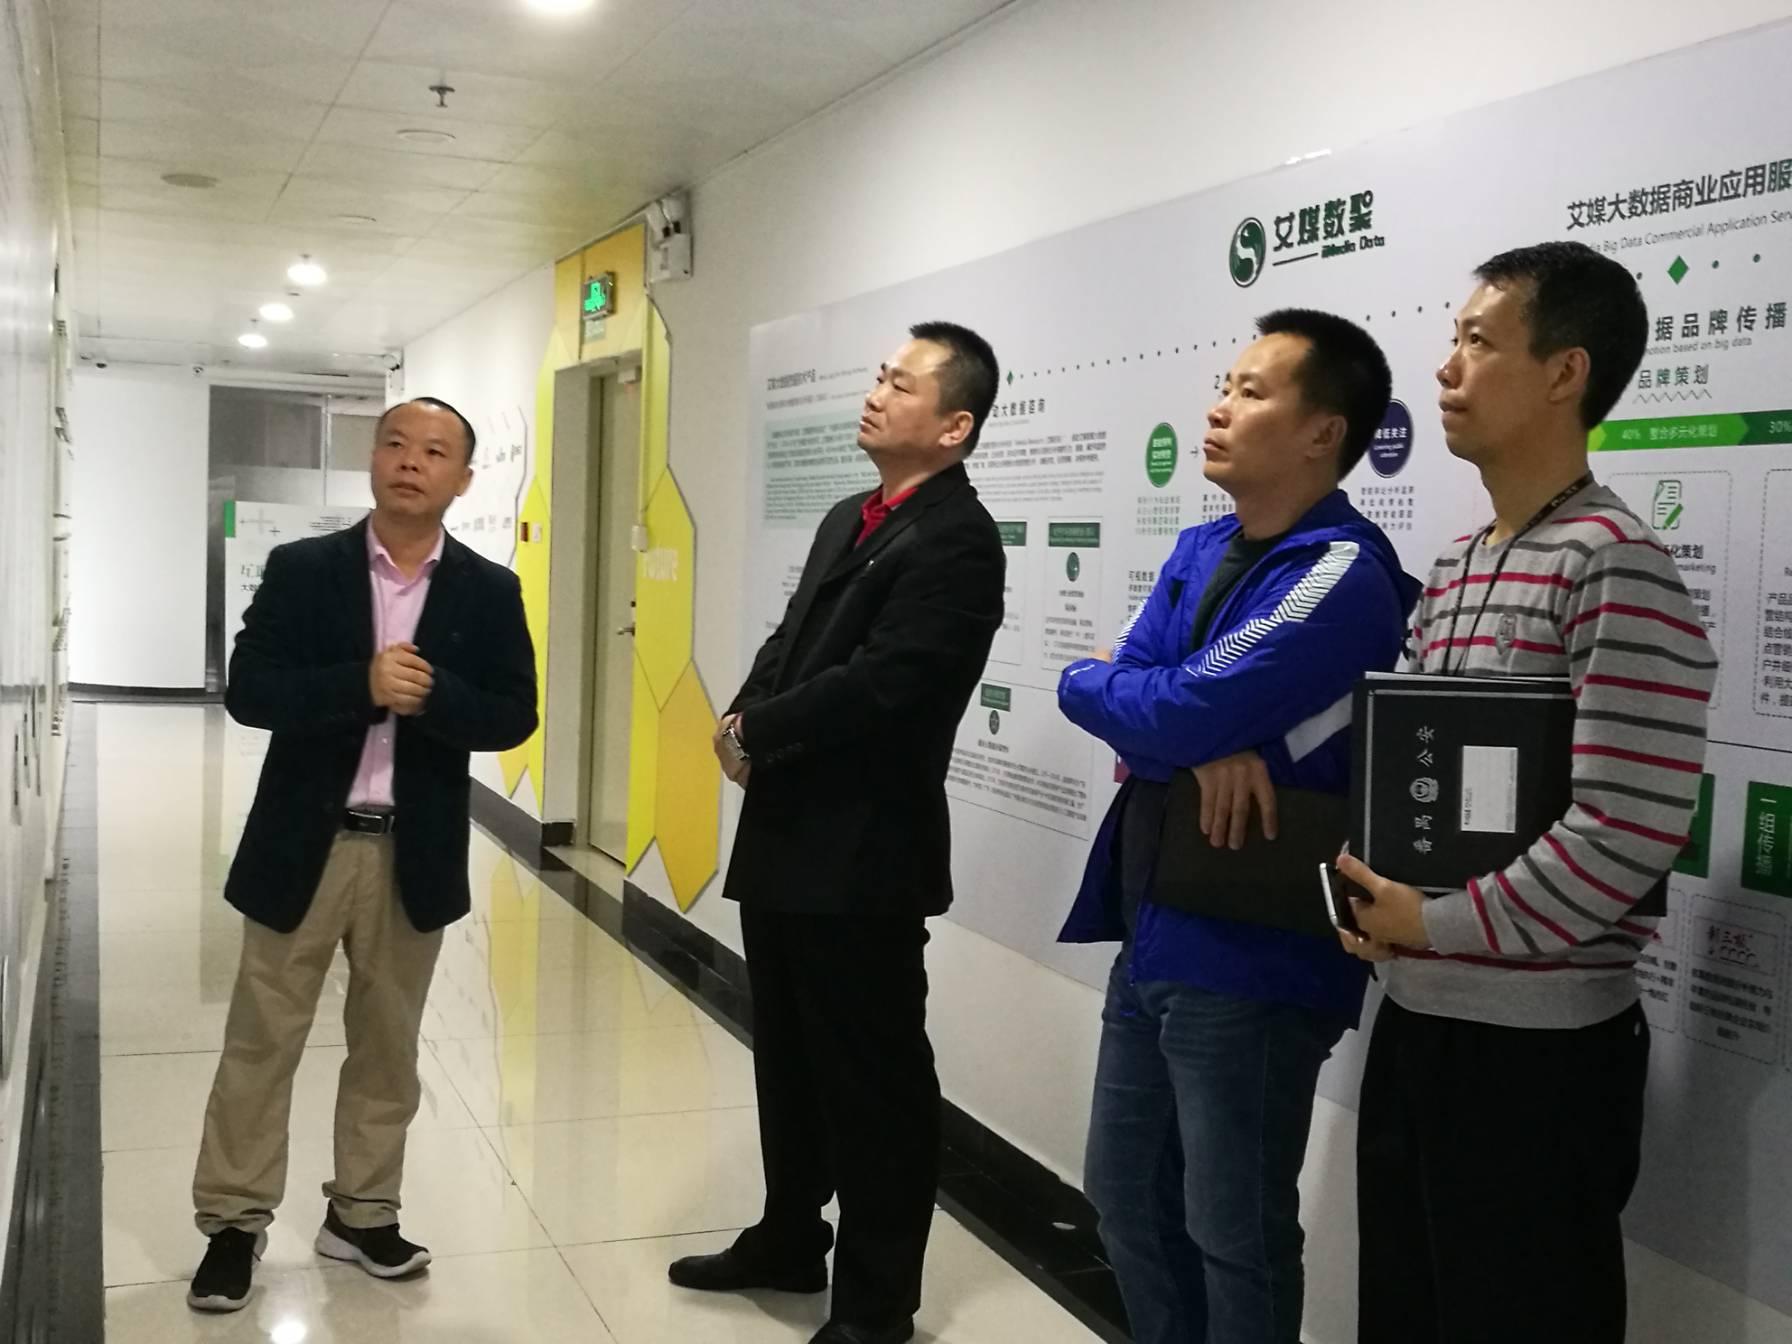 广州番禺公安情报中心领导一行莅临艾媒咨询探讨大数据与治安建设